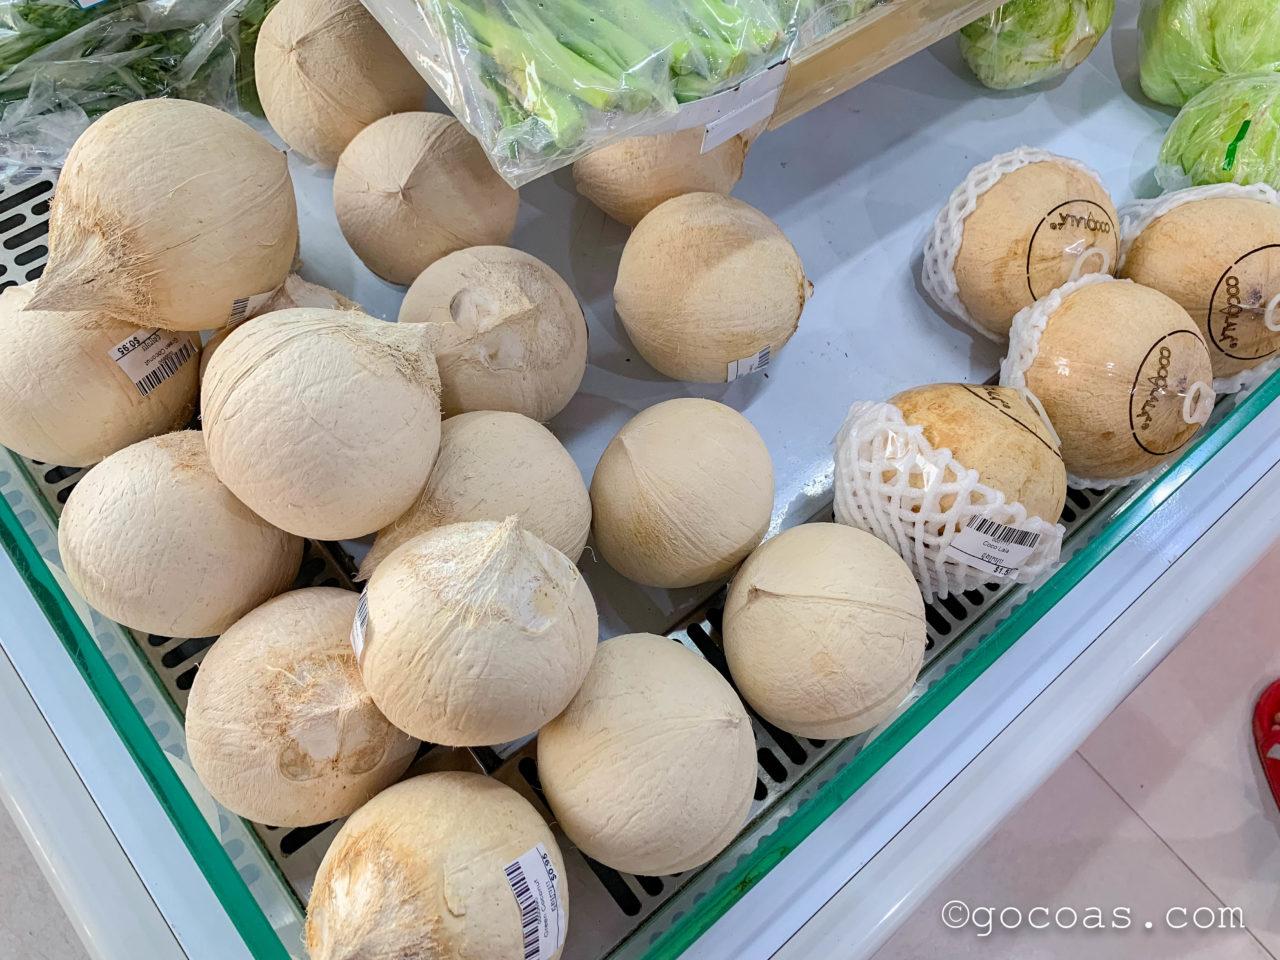 Asia Plaza Supermarketで売られている蓋付きのココナッツ